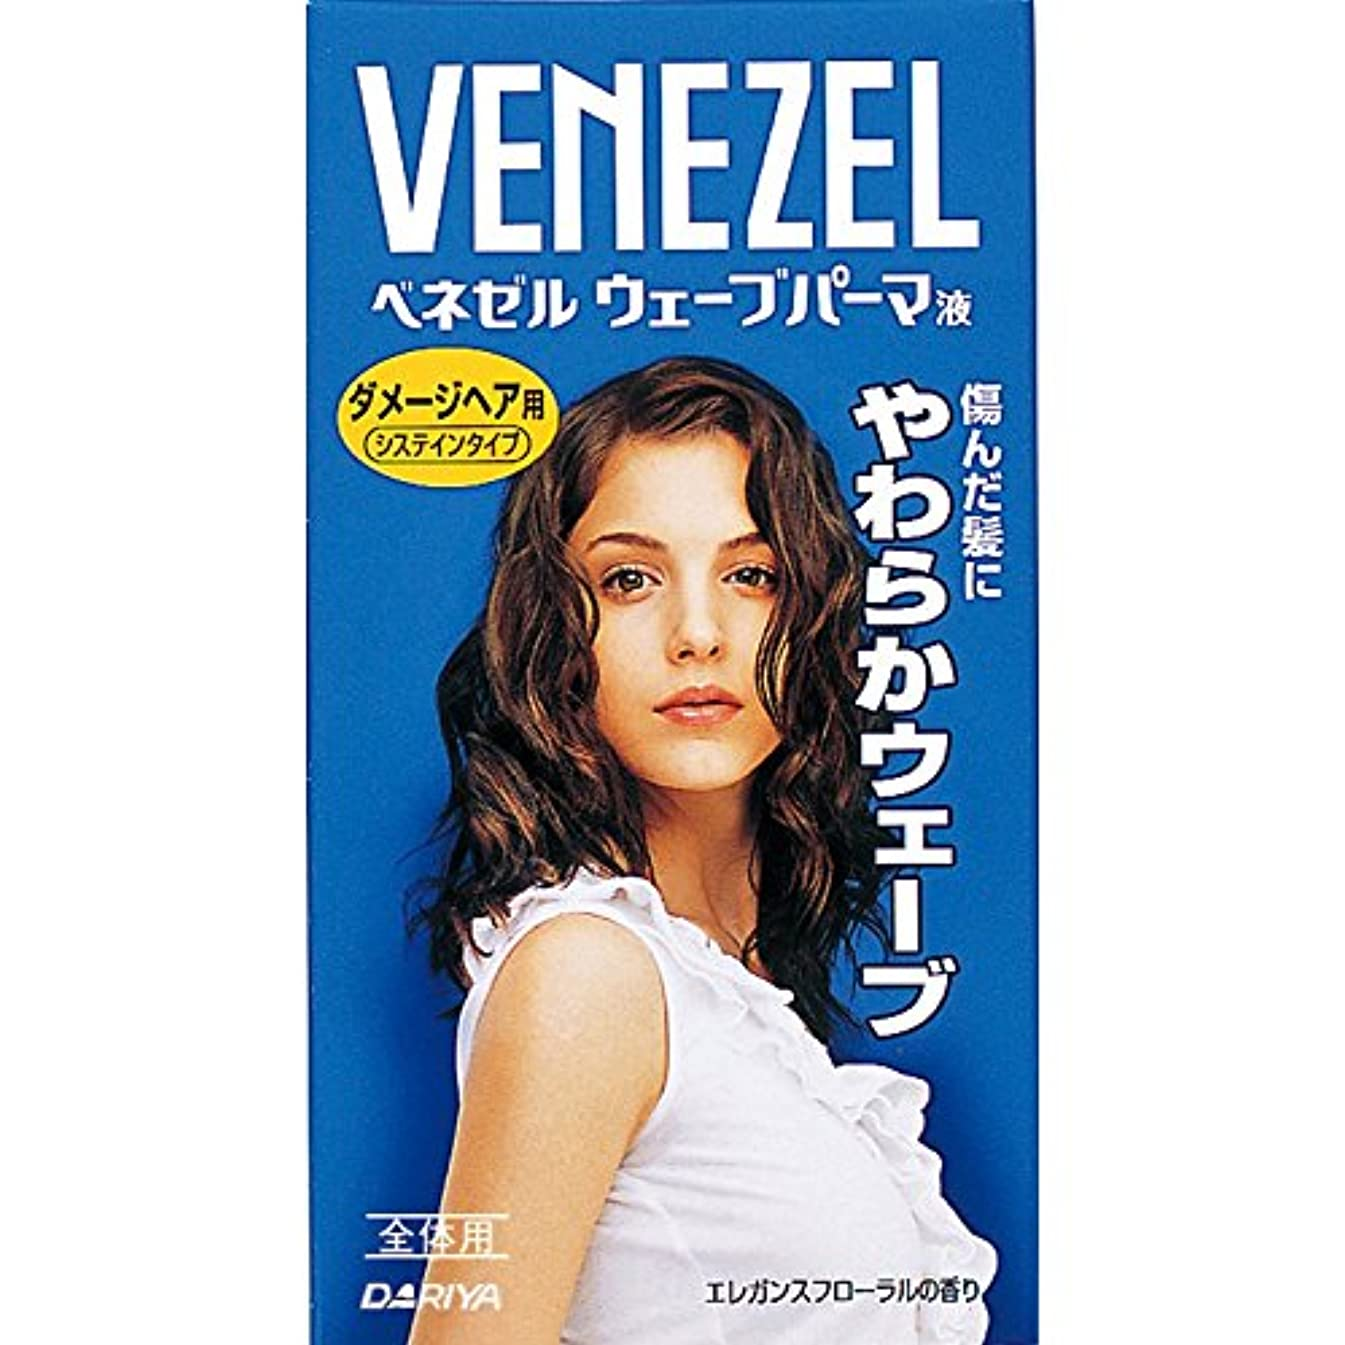 接続個性クローゼットベネゼル ウェーブパーマ液 ダメージヘア用 全体用